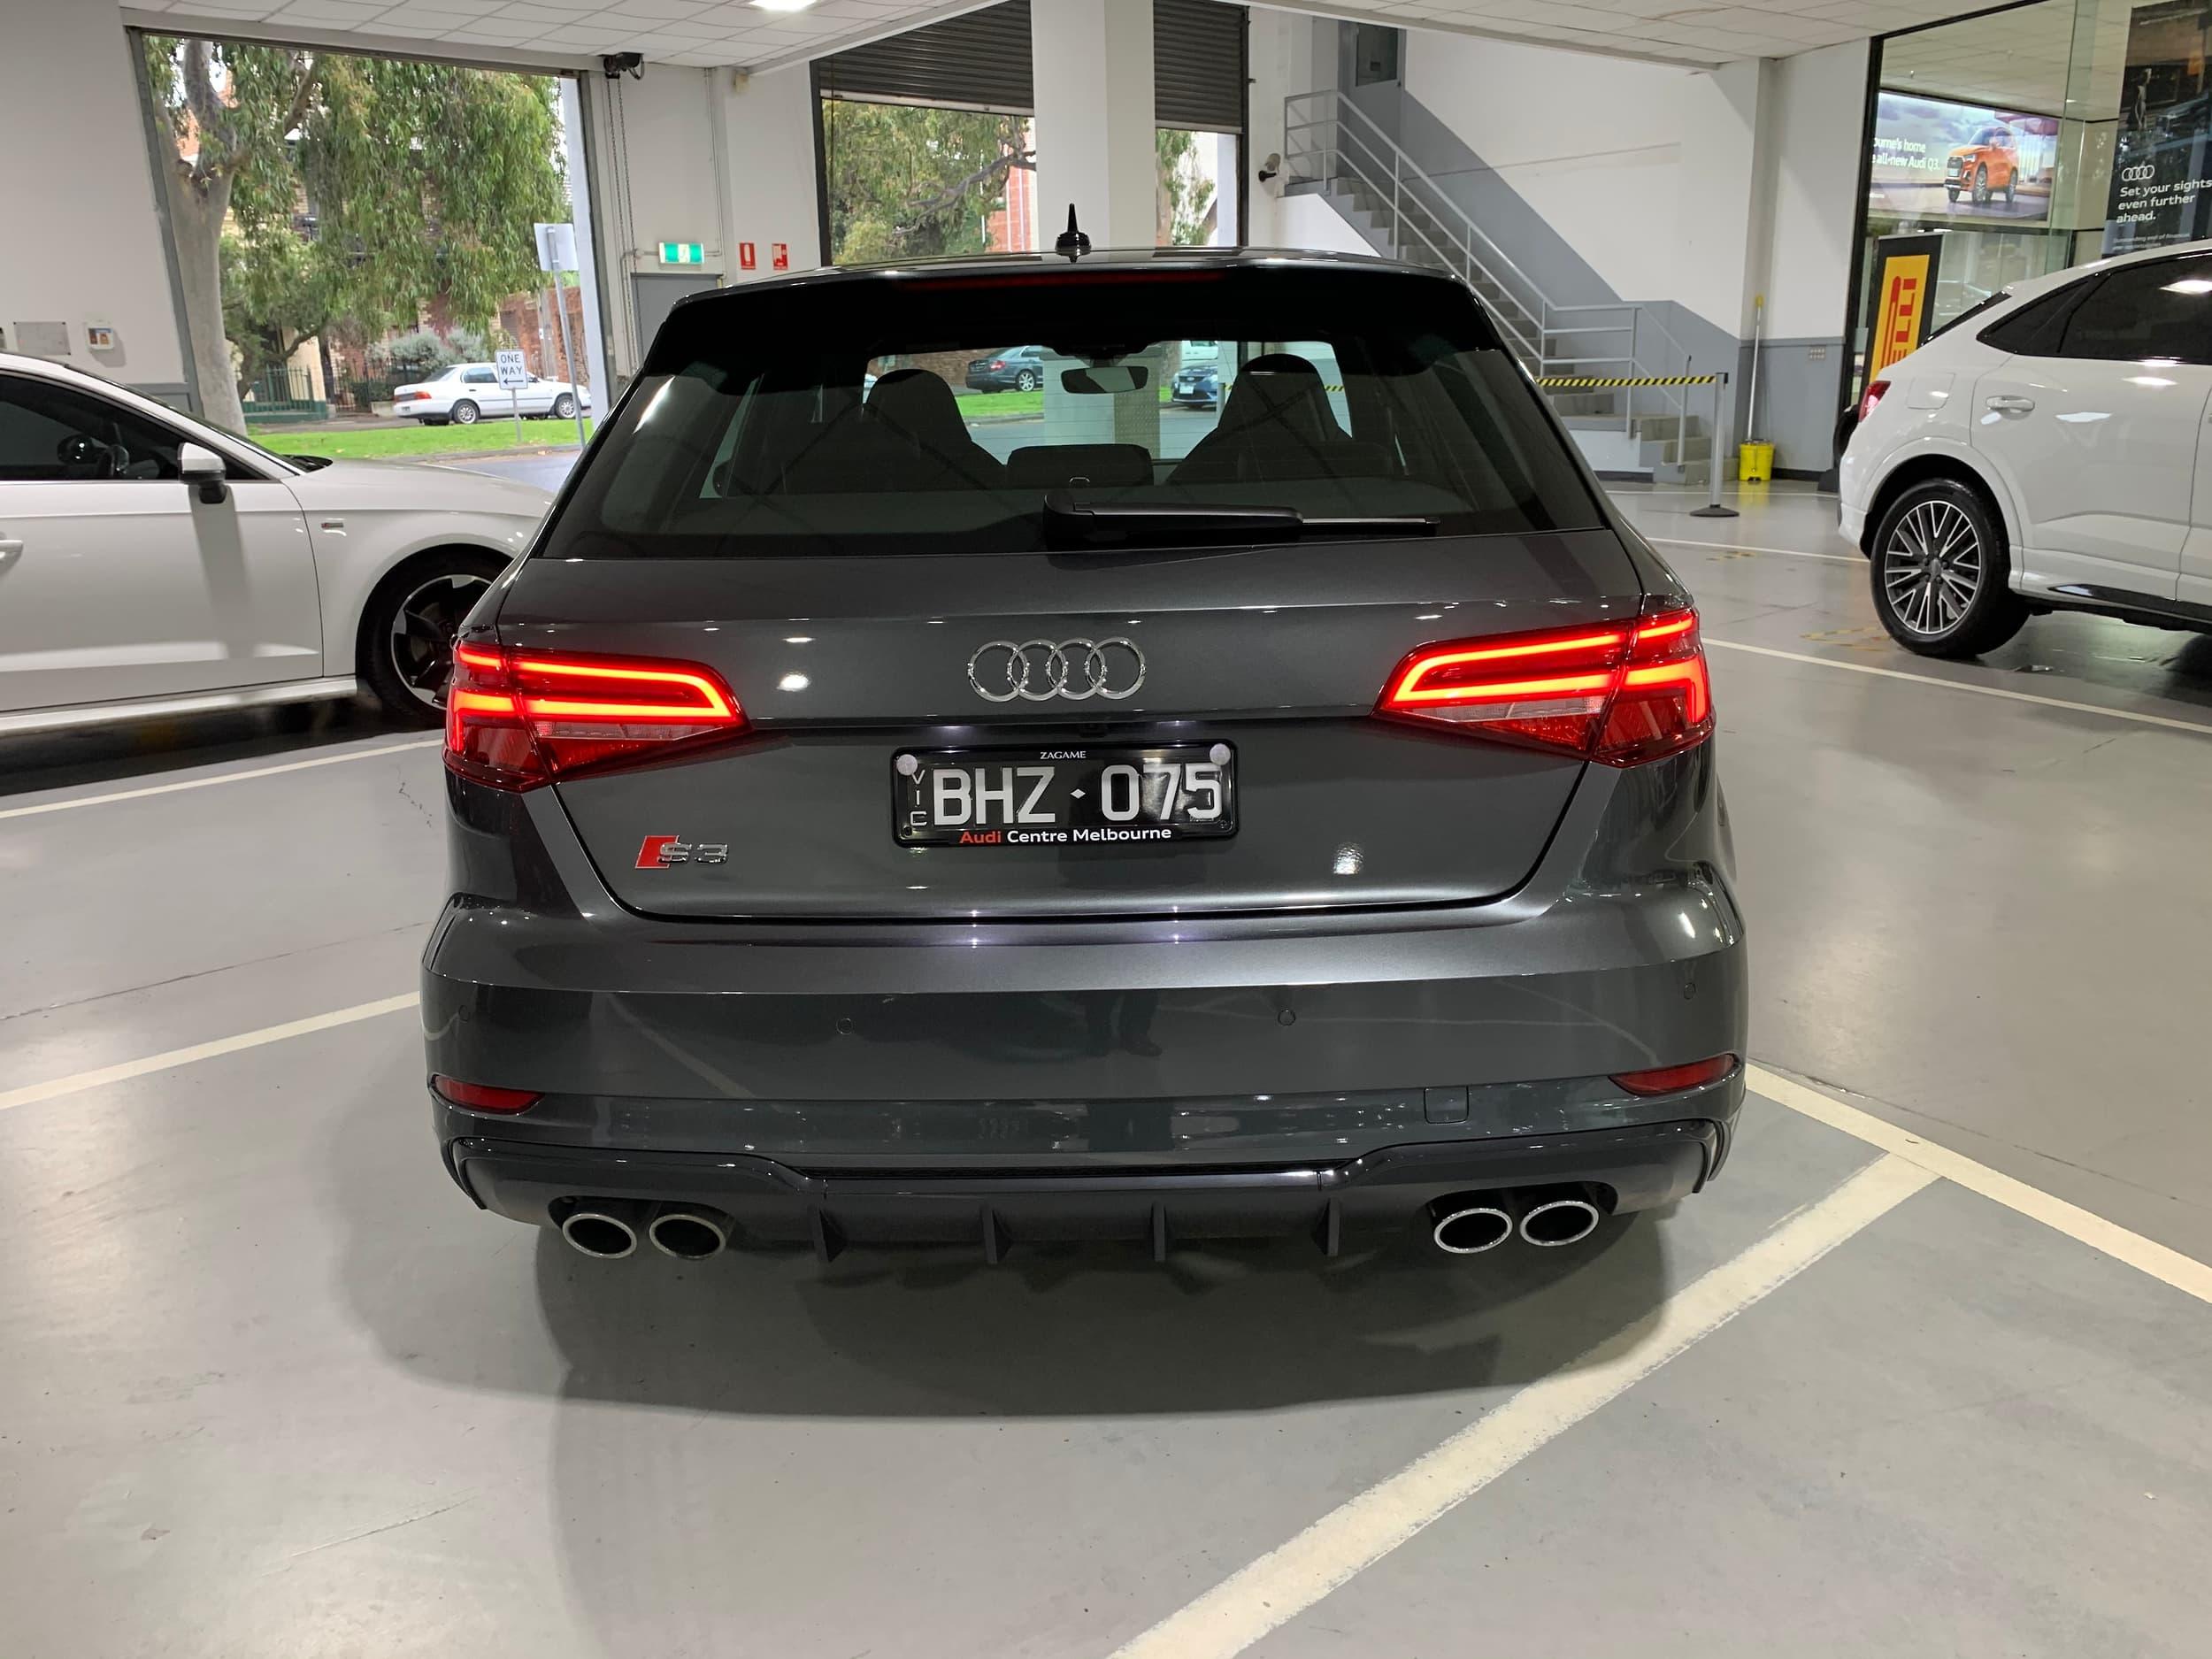 2019 Audi S3 Auto quattro MY20 - image 5